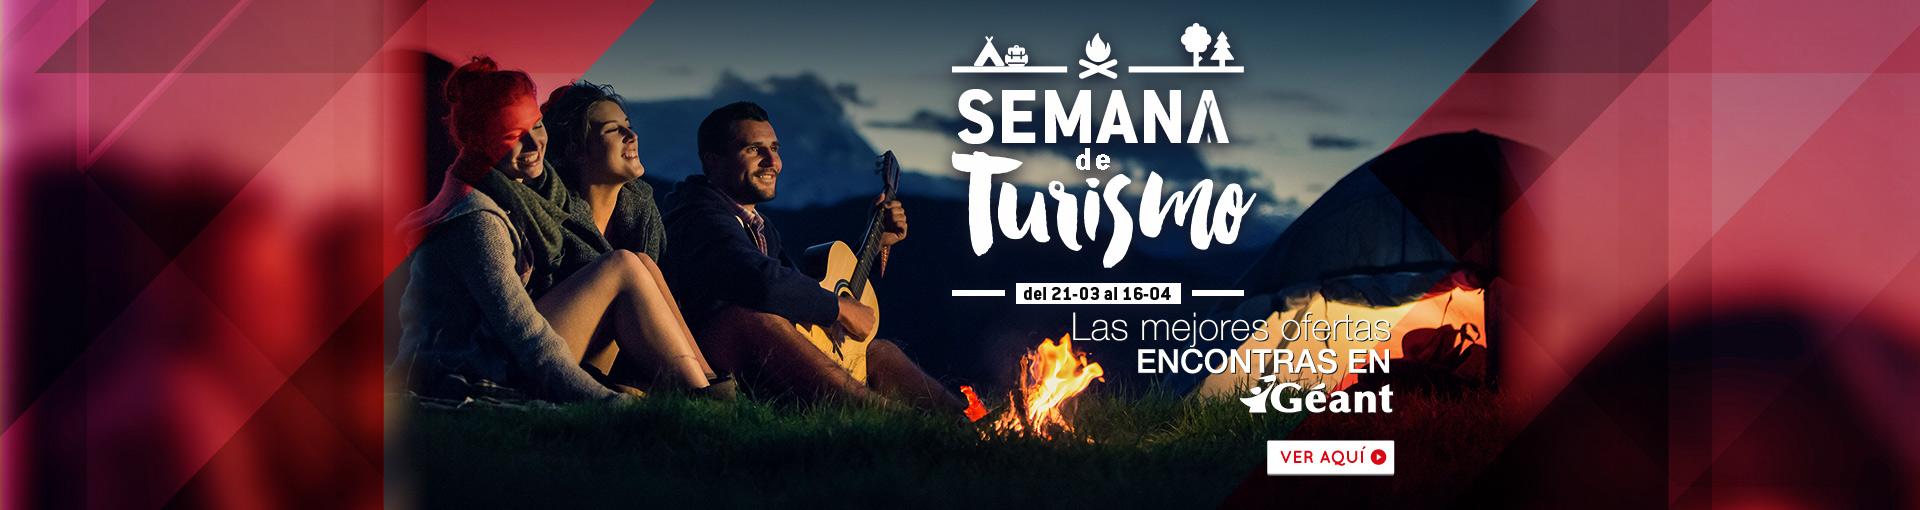 h-turismo-2017-1920x510